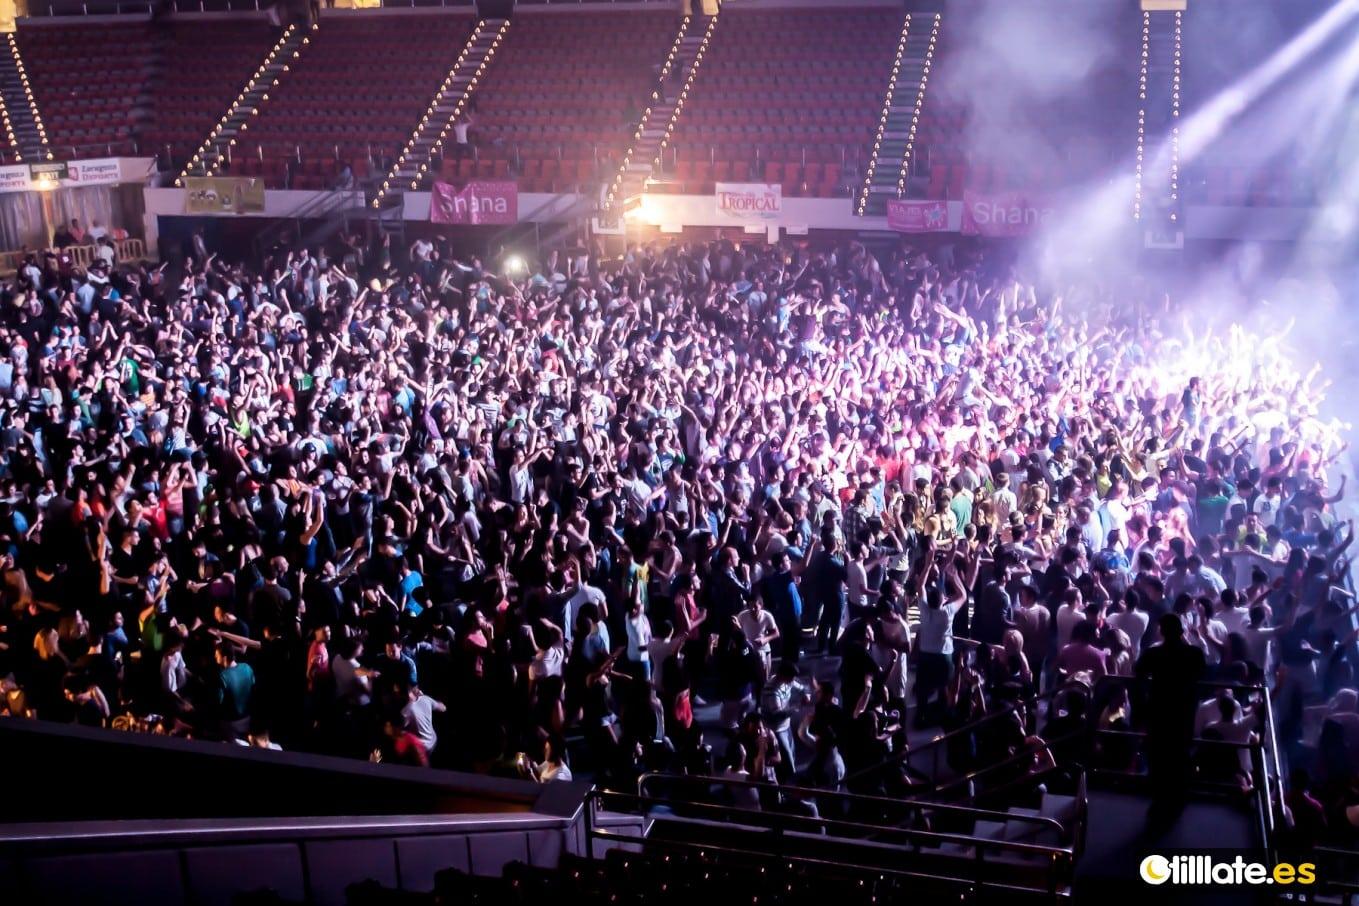 21 09 13 madness festival acto 1 de 2 2